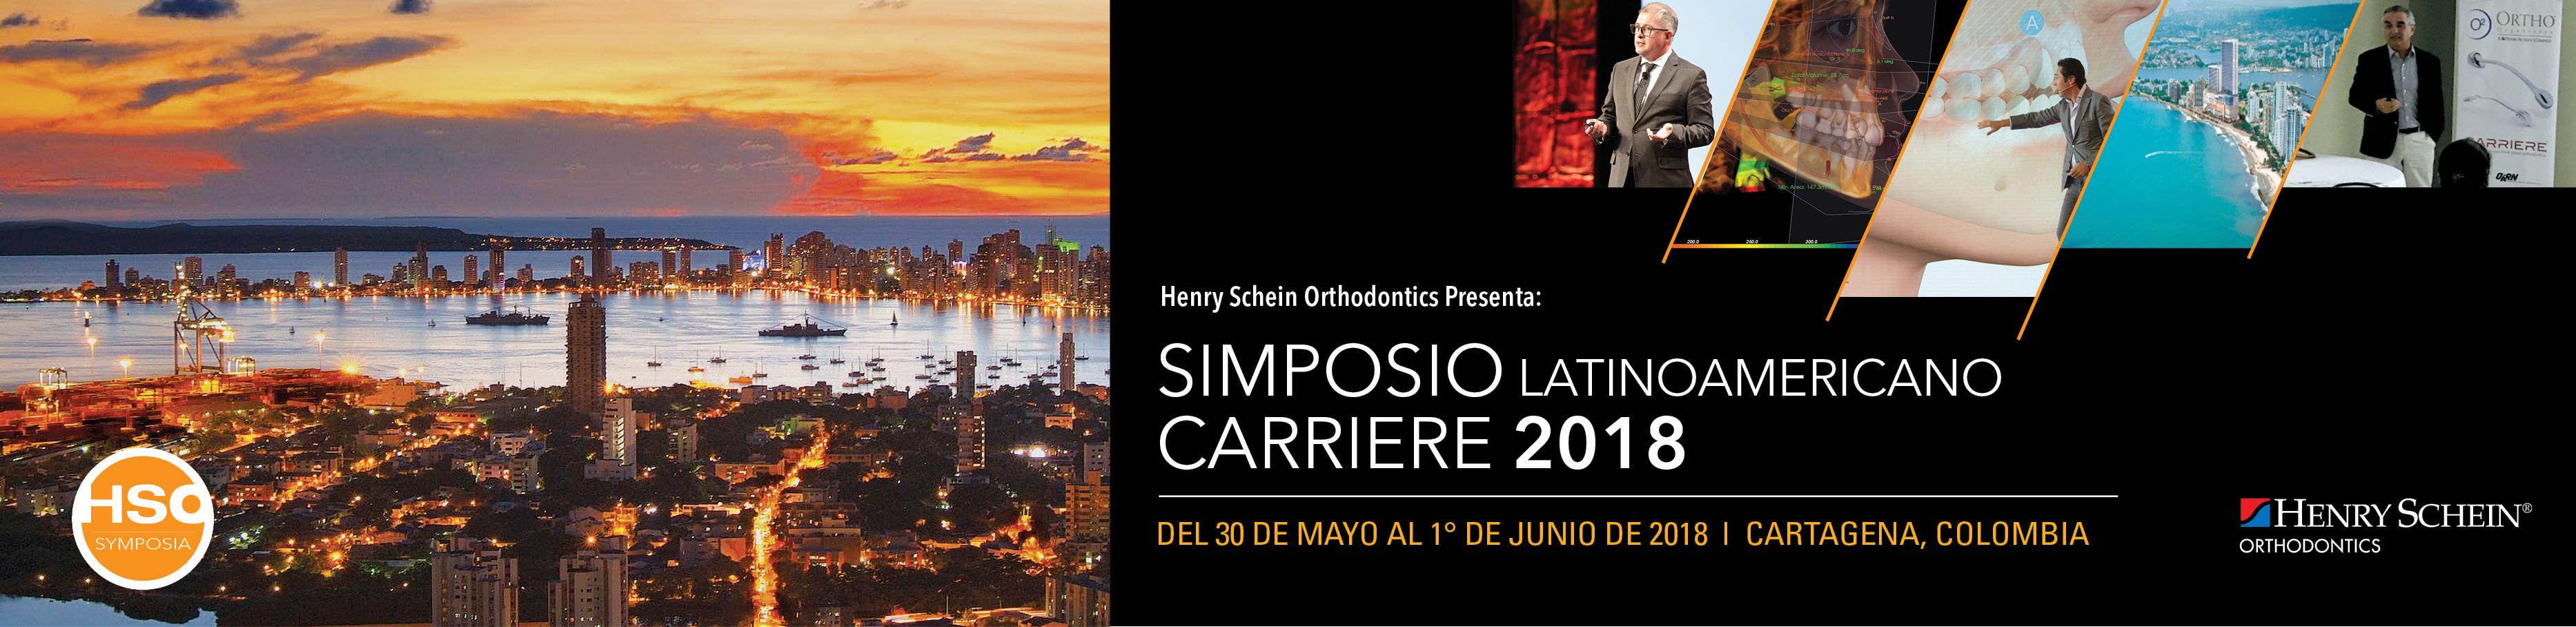 Simposio Latinoamericano